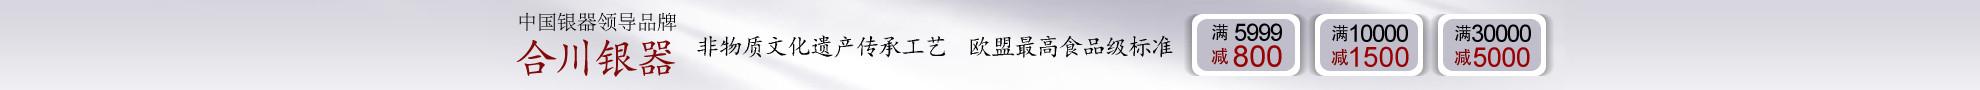 中国银器领导品牌